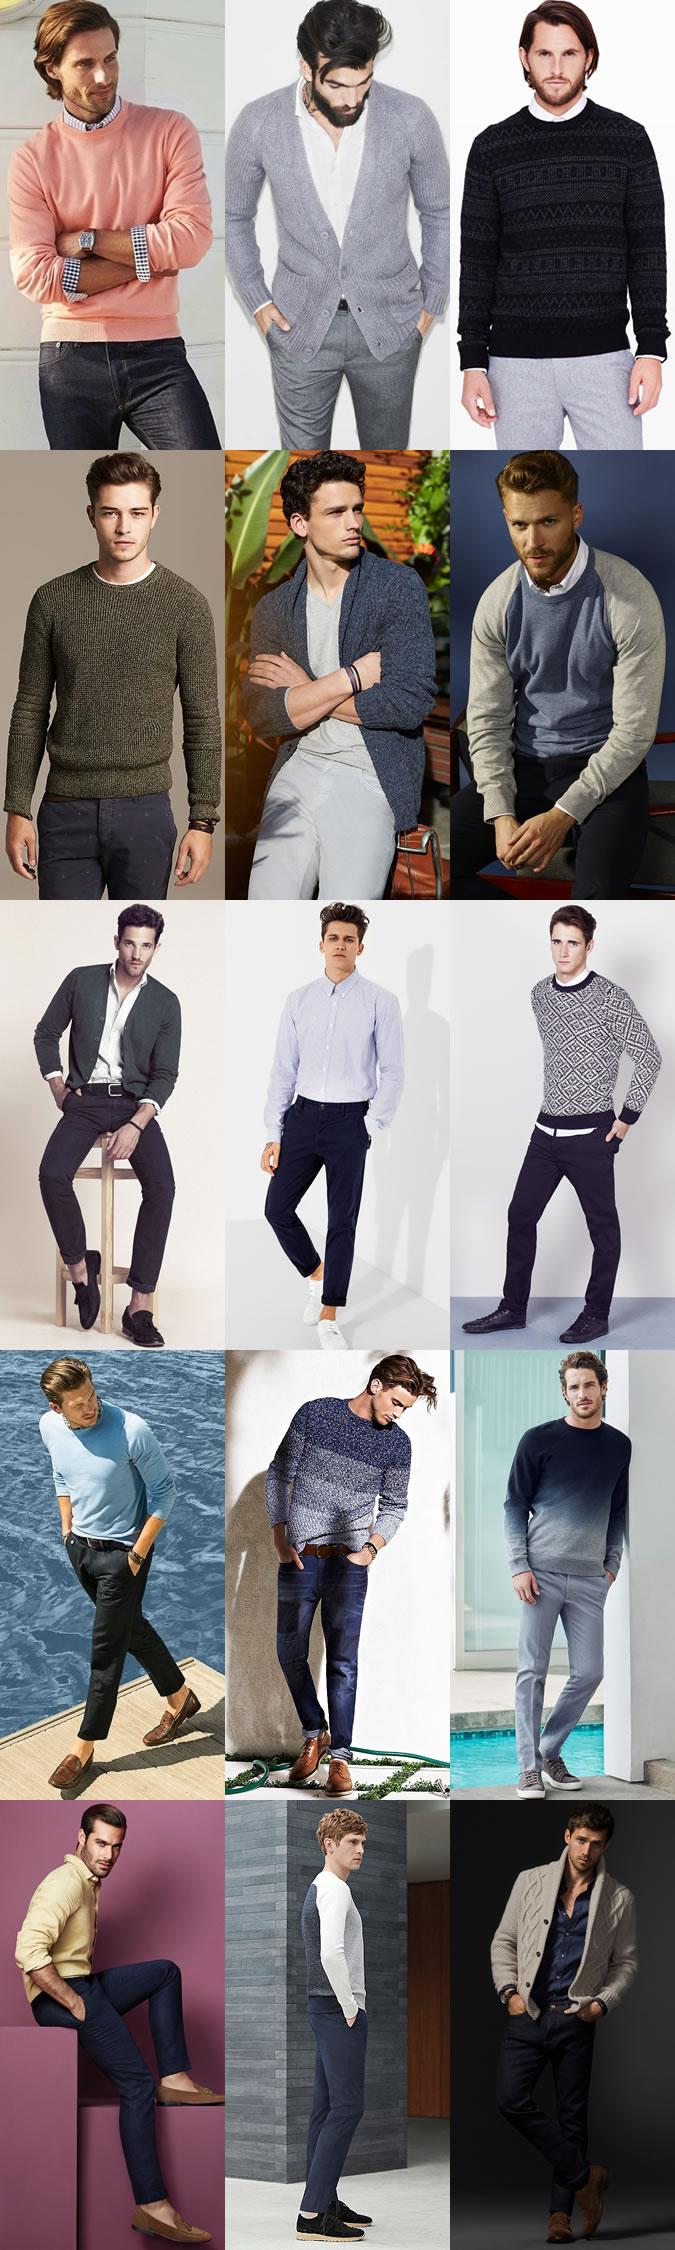 کاتالوگ لباس های راحتی مردانه زمستان